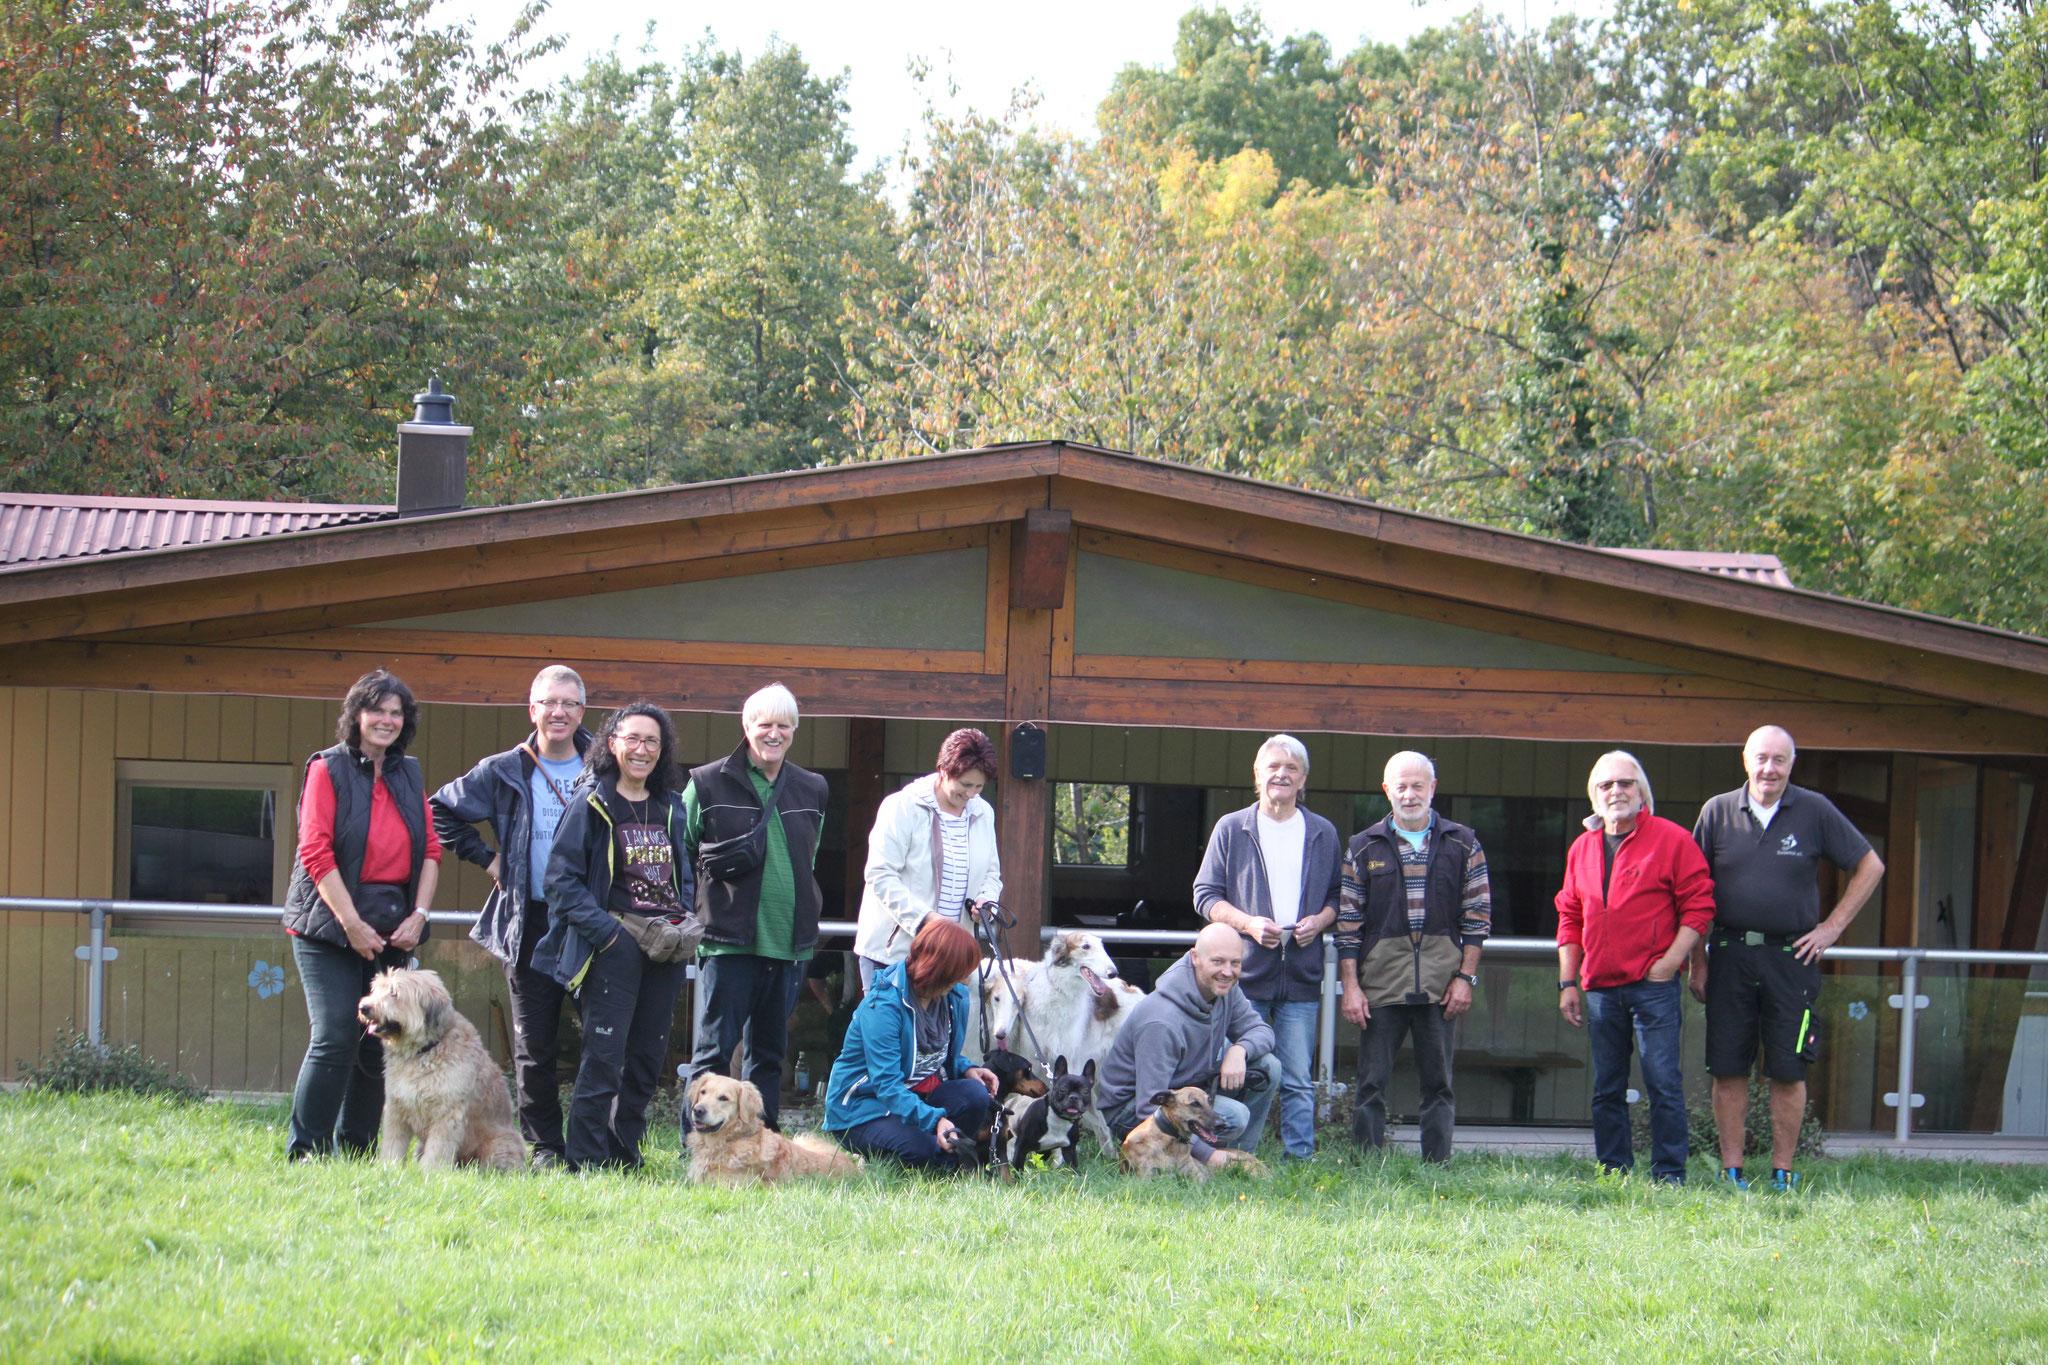 Herzlichen Dank an die Huchenfelder Schäferhund Freunde. Schön war`s bei euch.